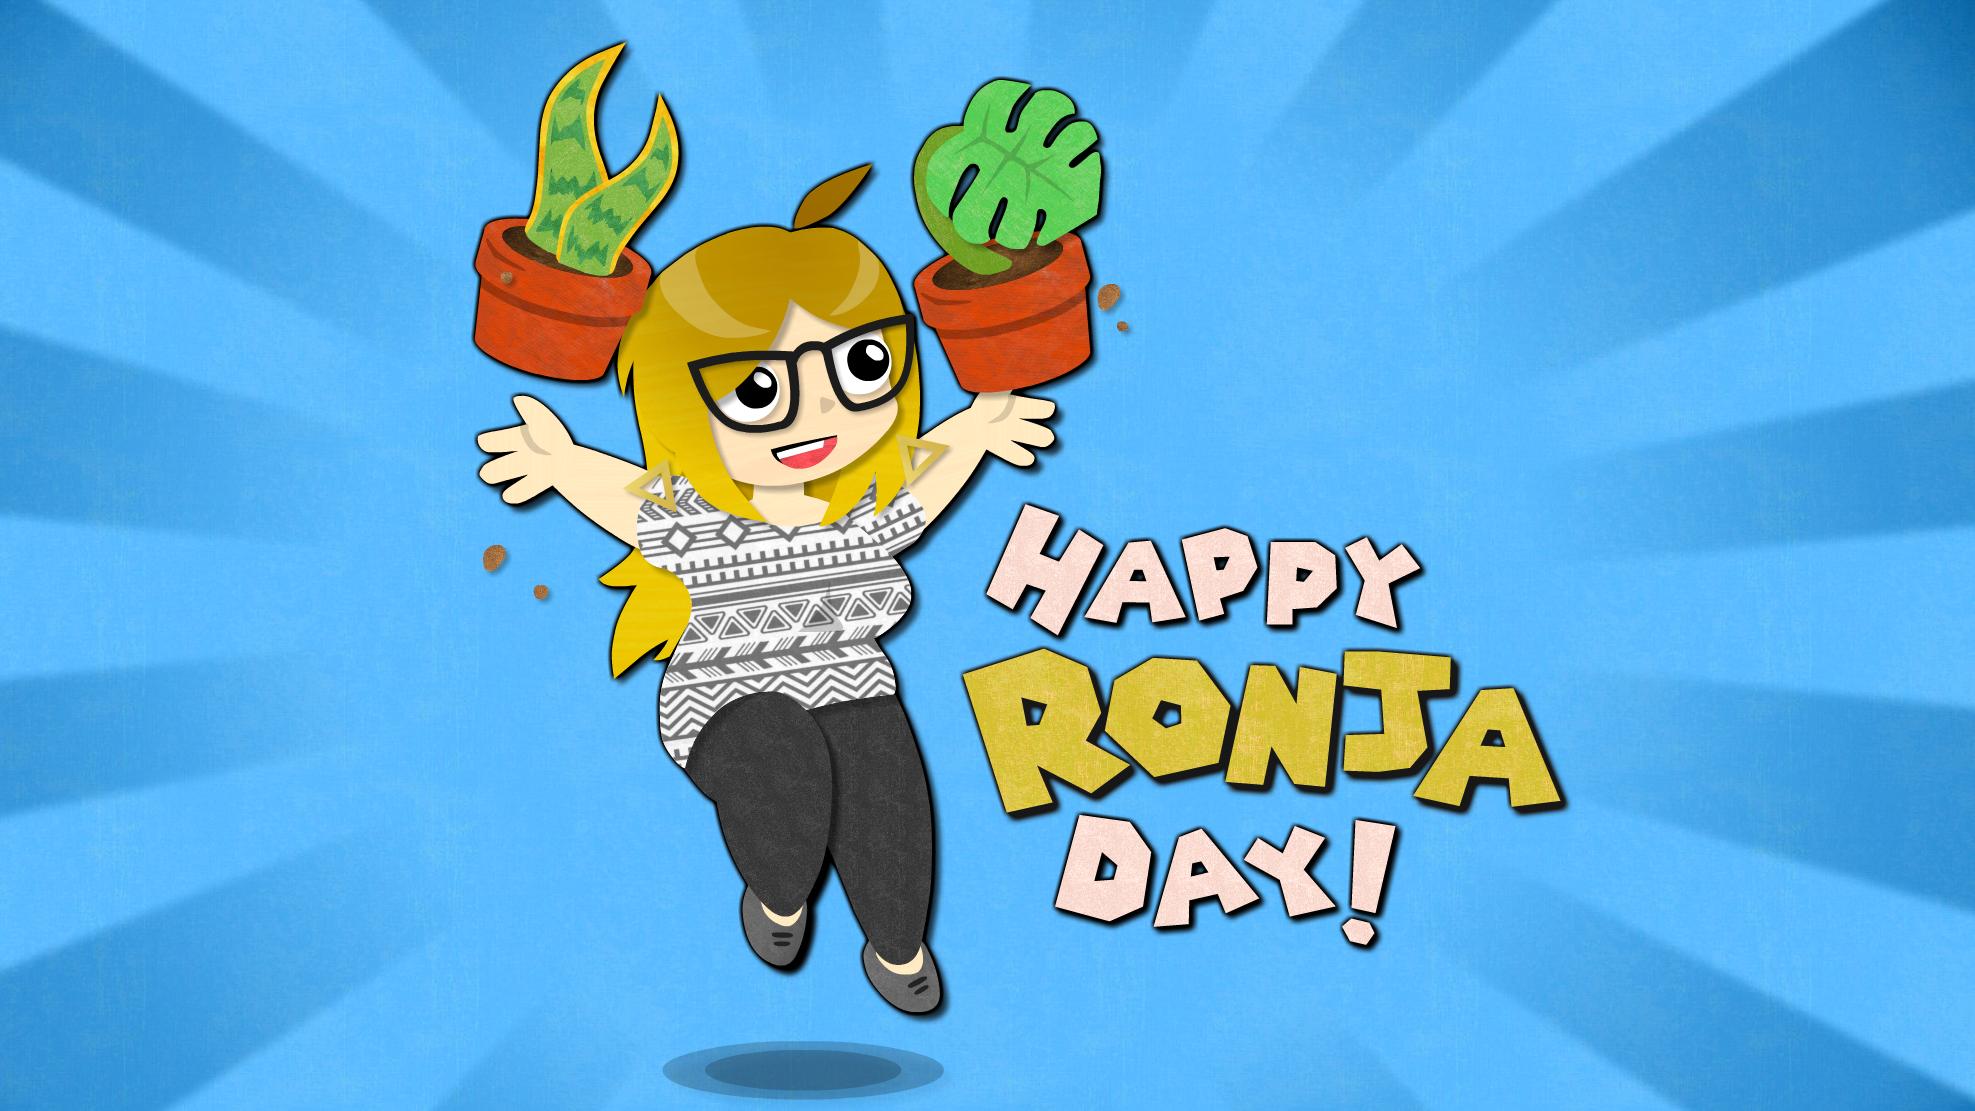 Happy Ronja Day